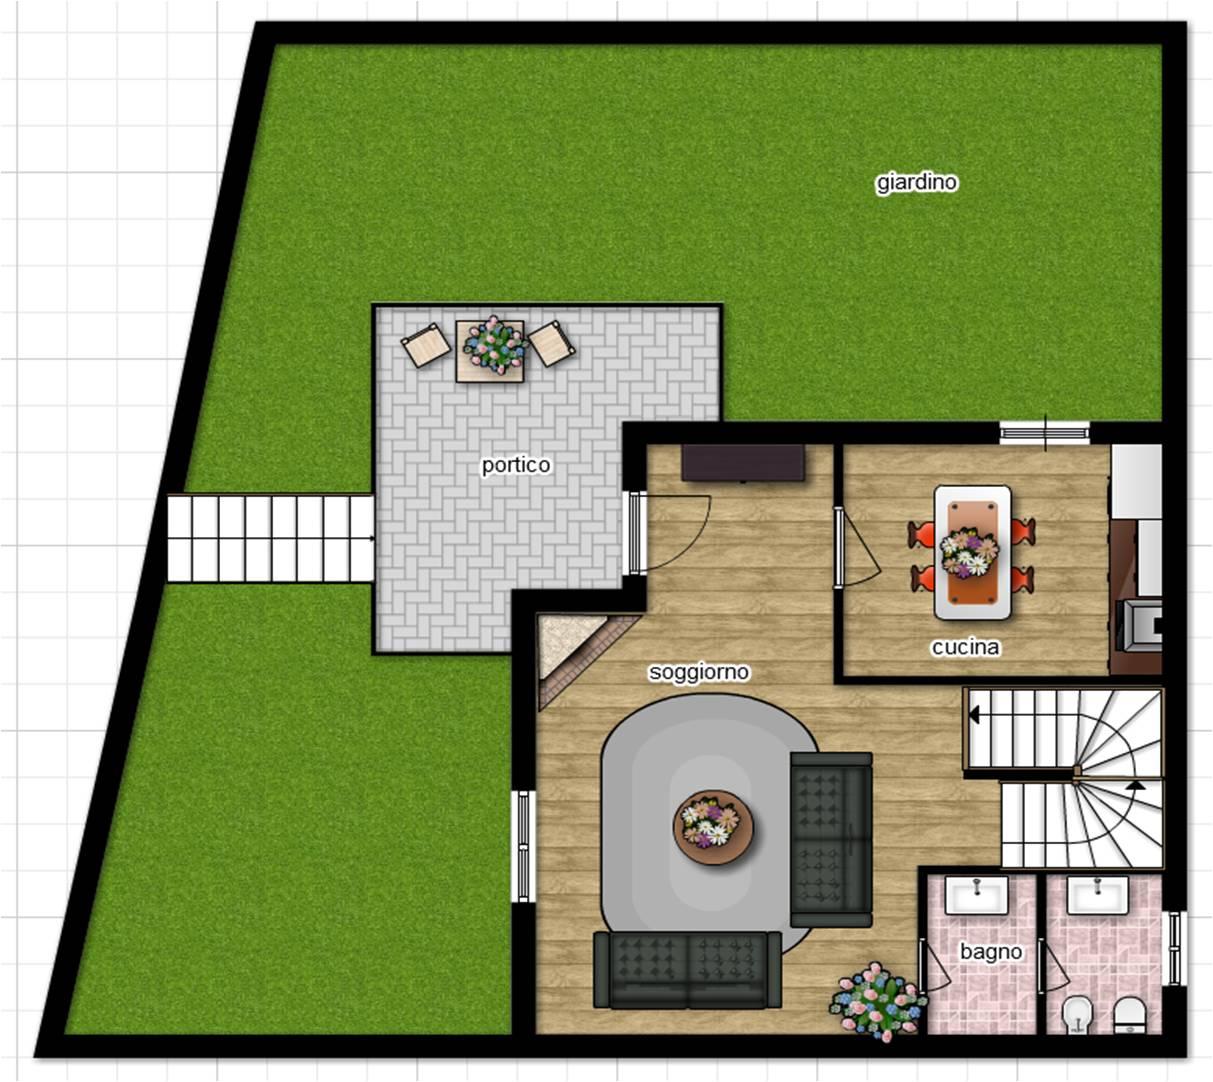 Villa in vendita a Viterbo, 5 locali, zona Località: SanMartinoalCimino, prezzo € 280.000 | Cambio Casa.it